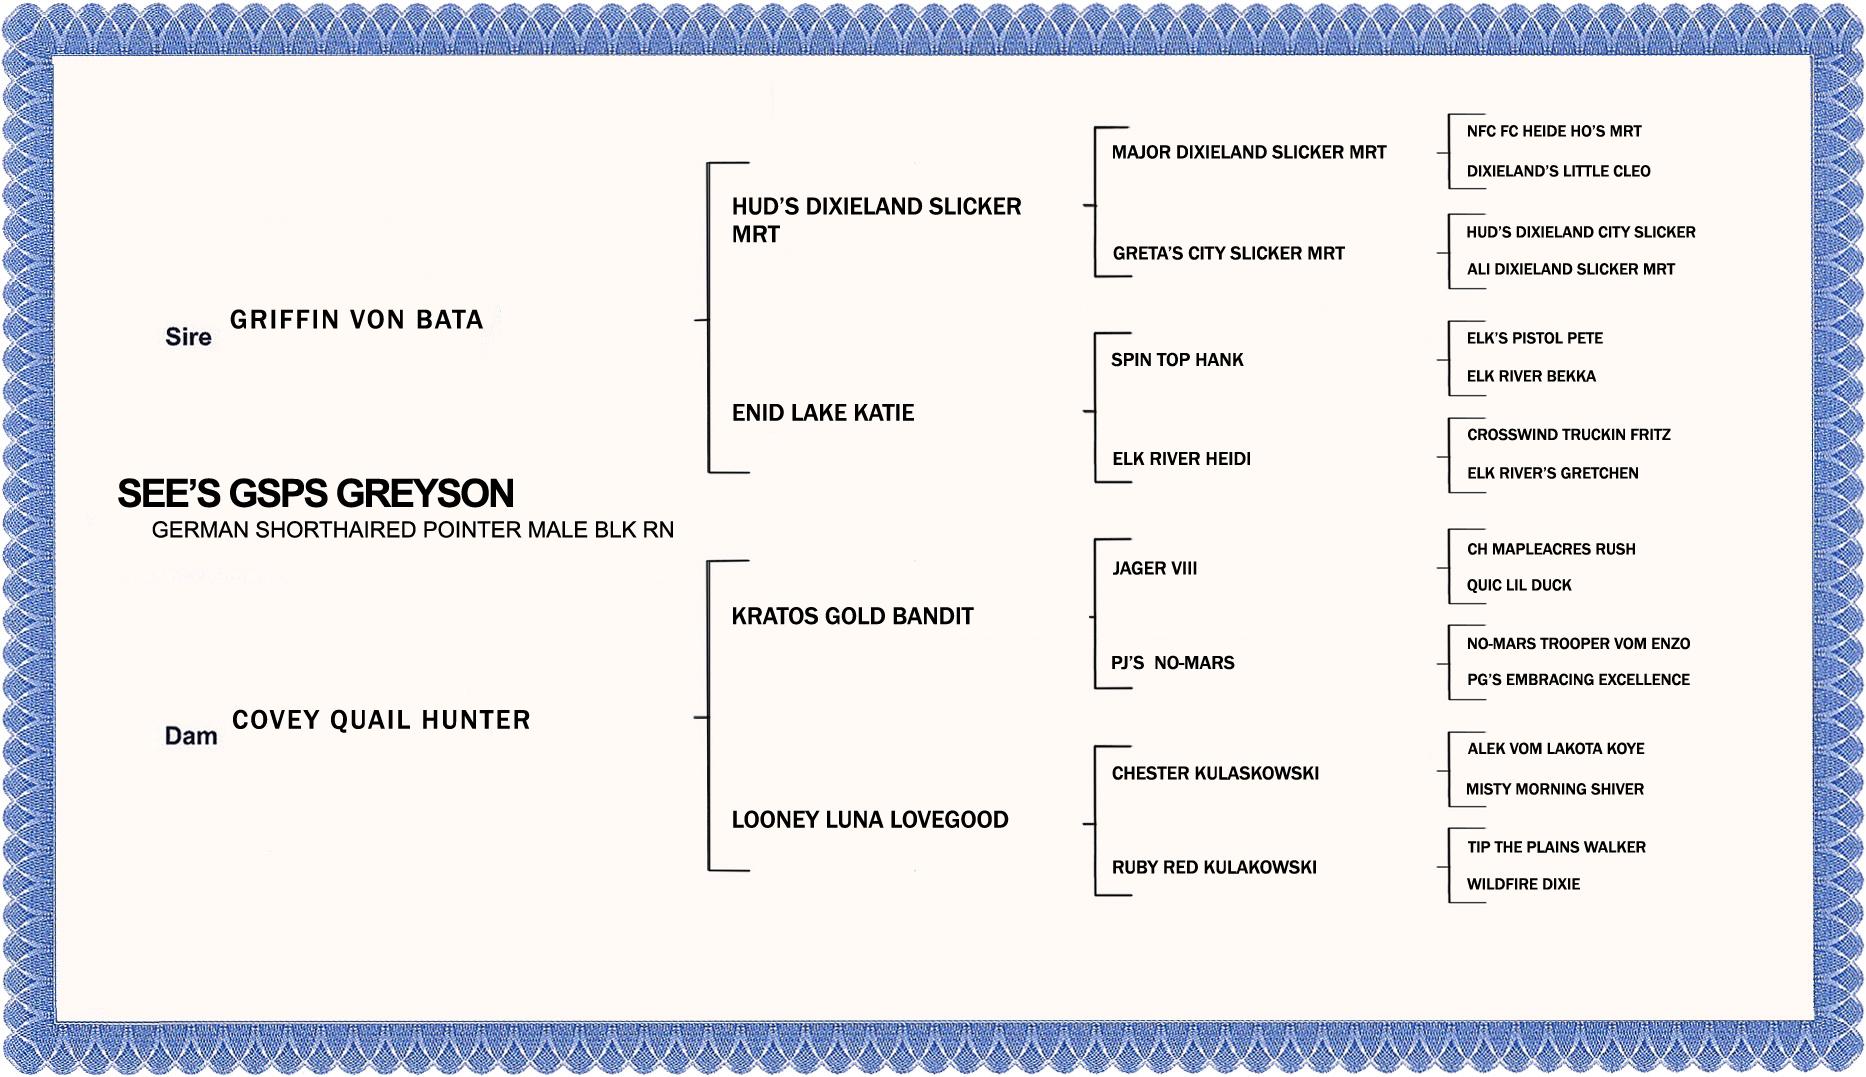 PEDIGREE GREYSON-NO NUMBERS-CONDENSED.jpg